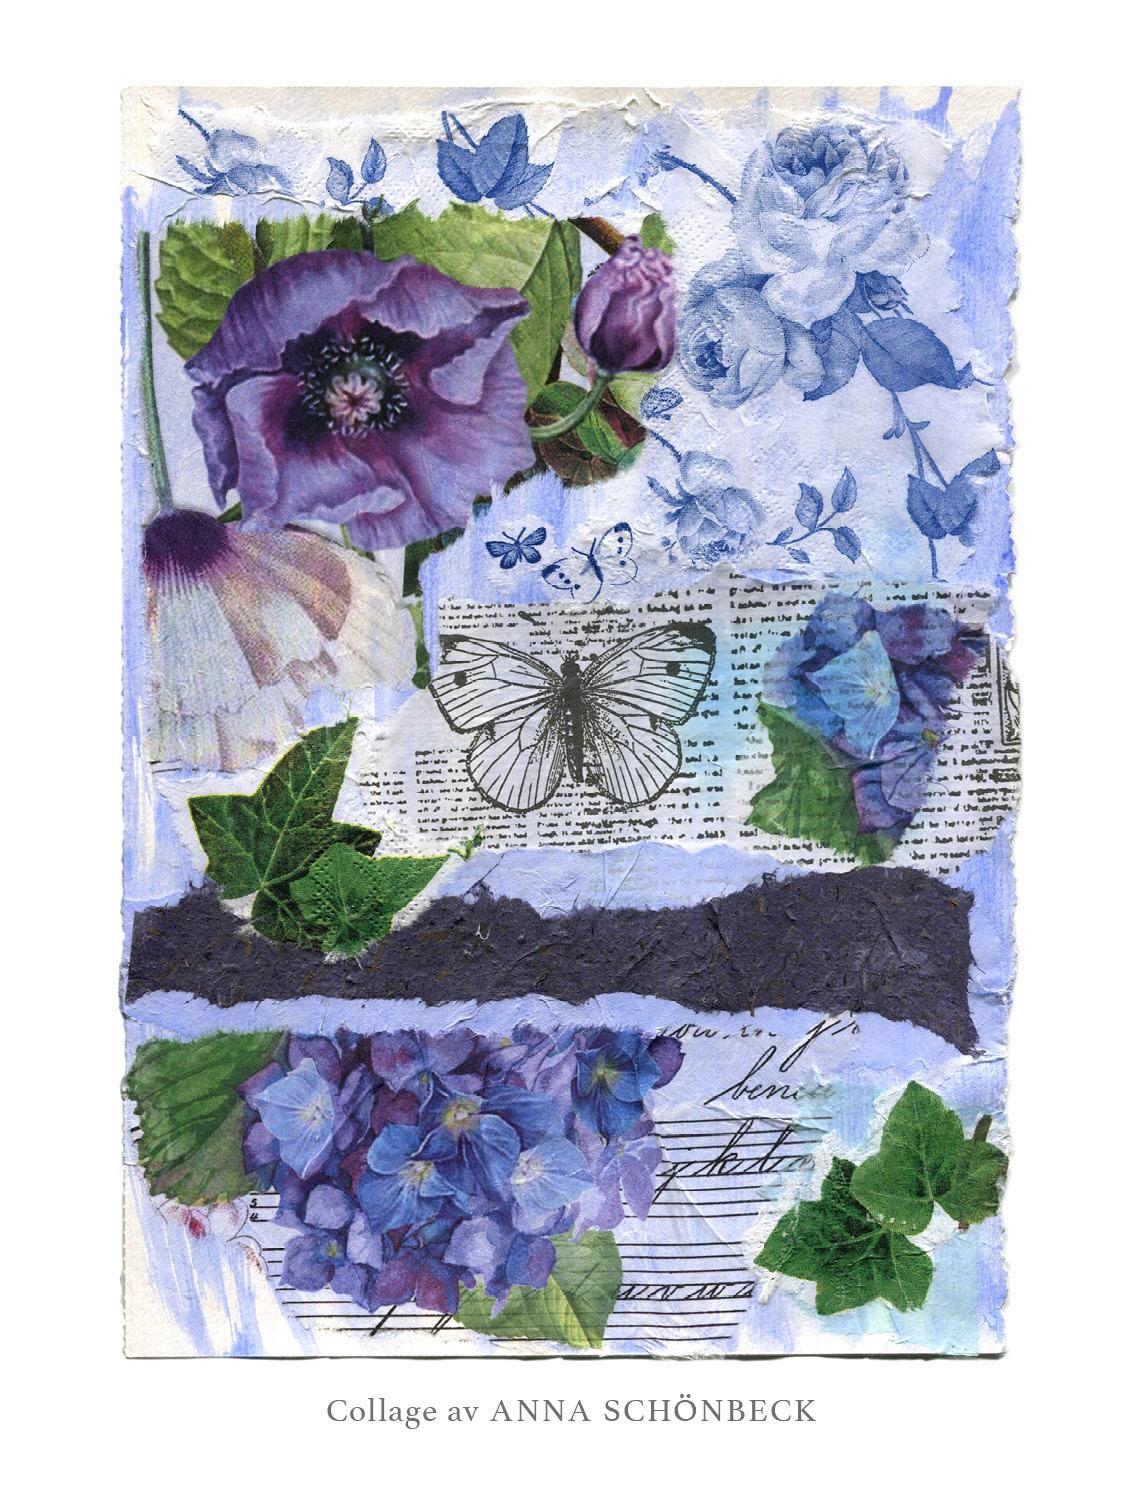 Collage 15, av Anna Schönbeck